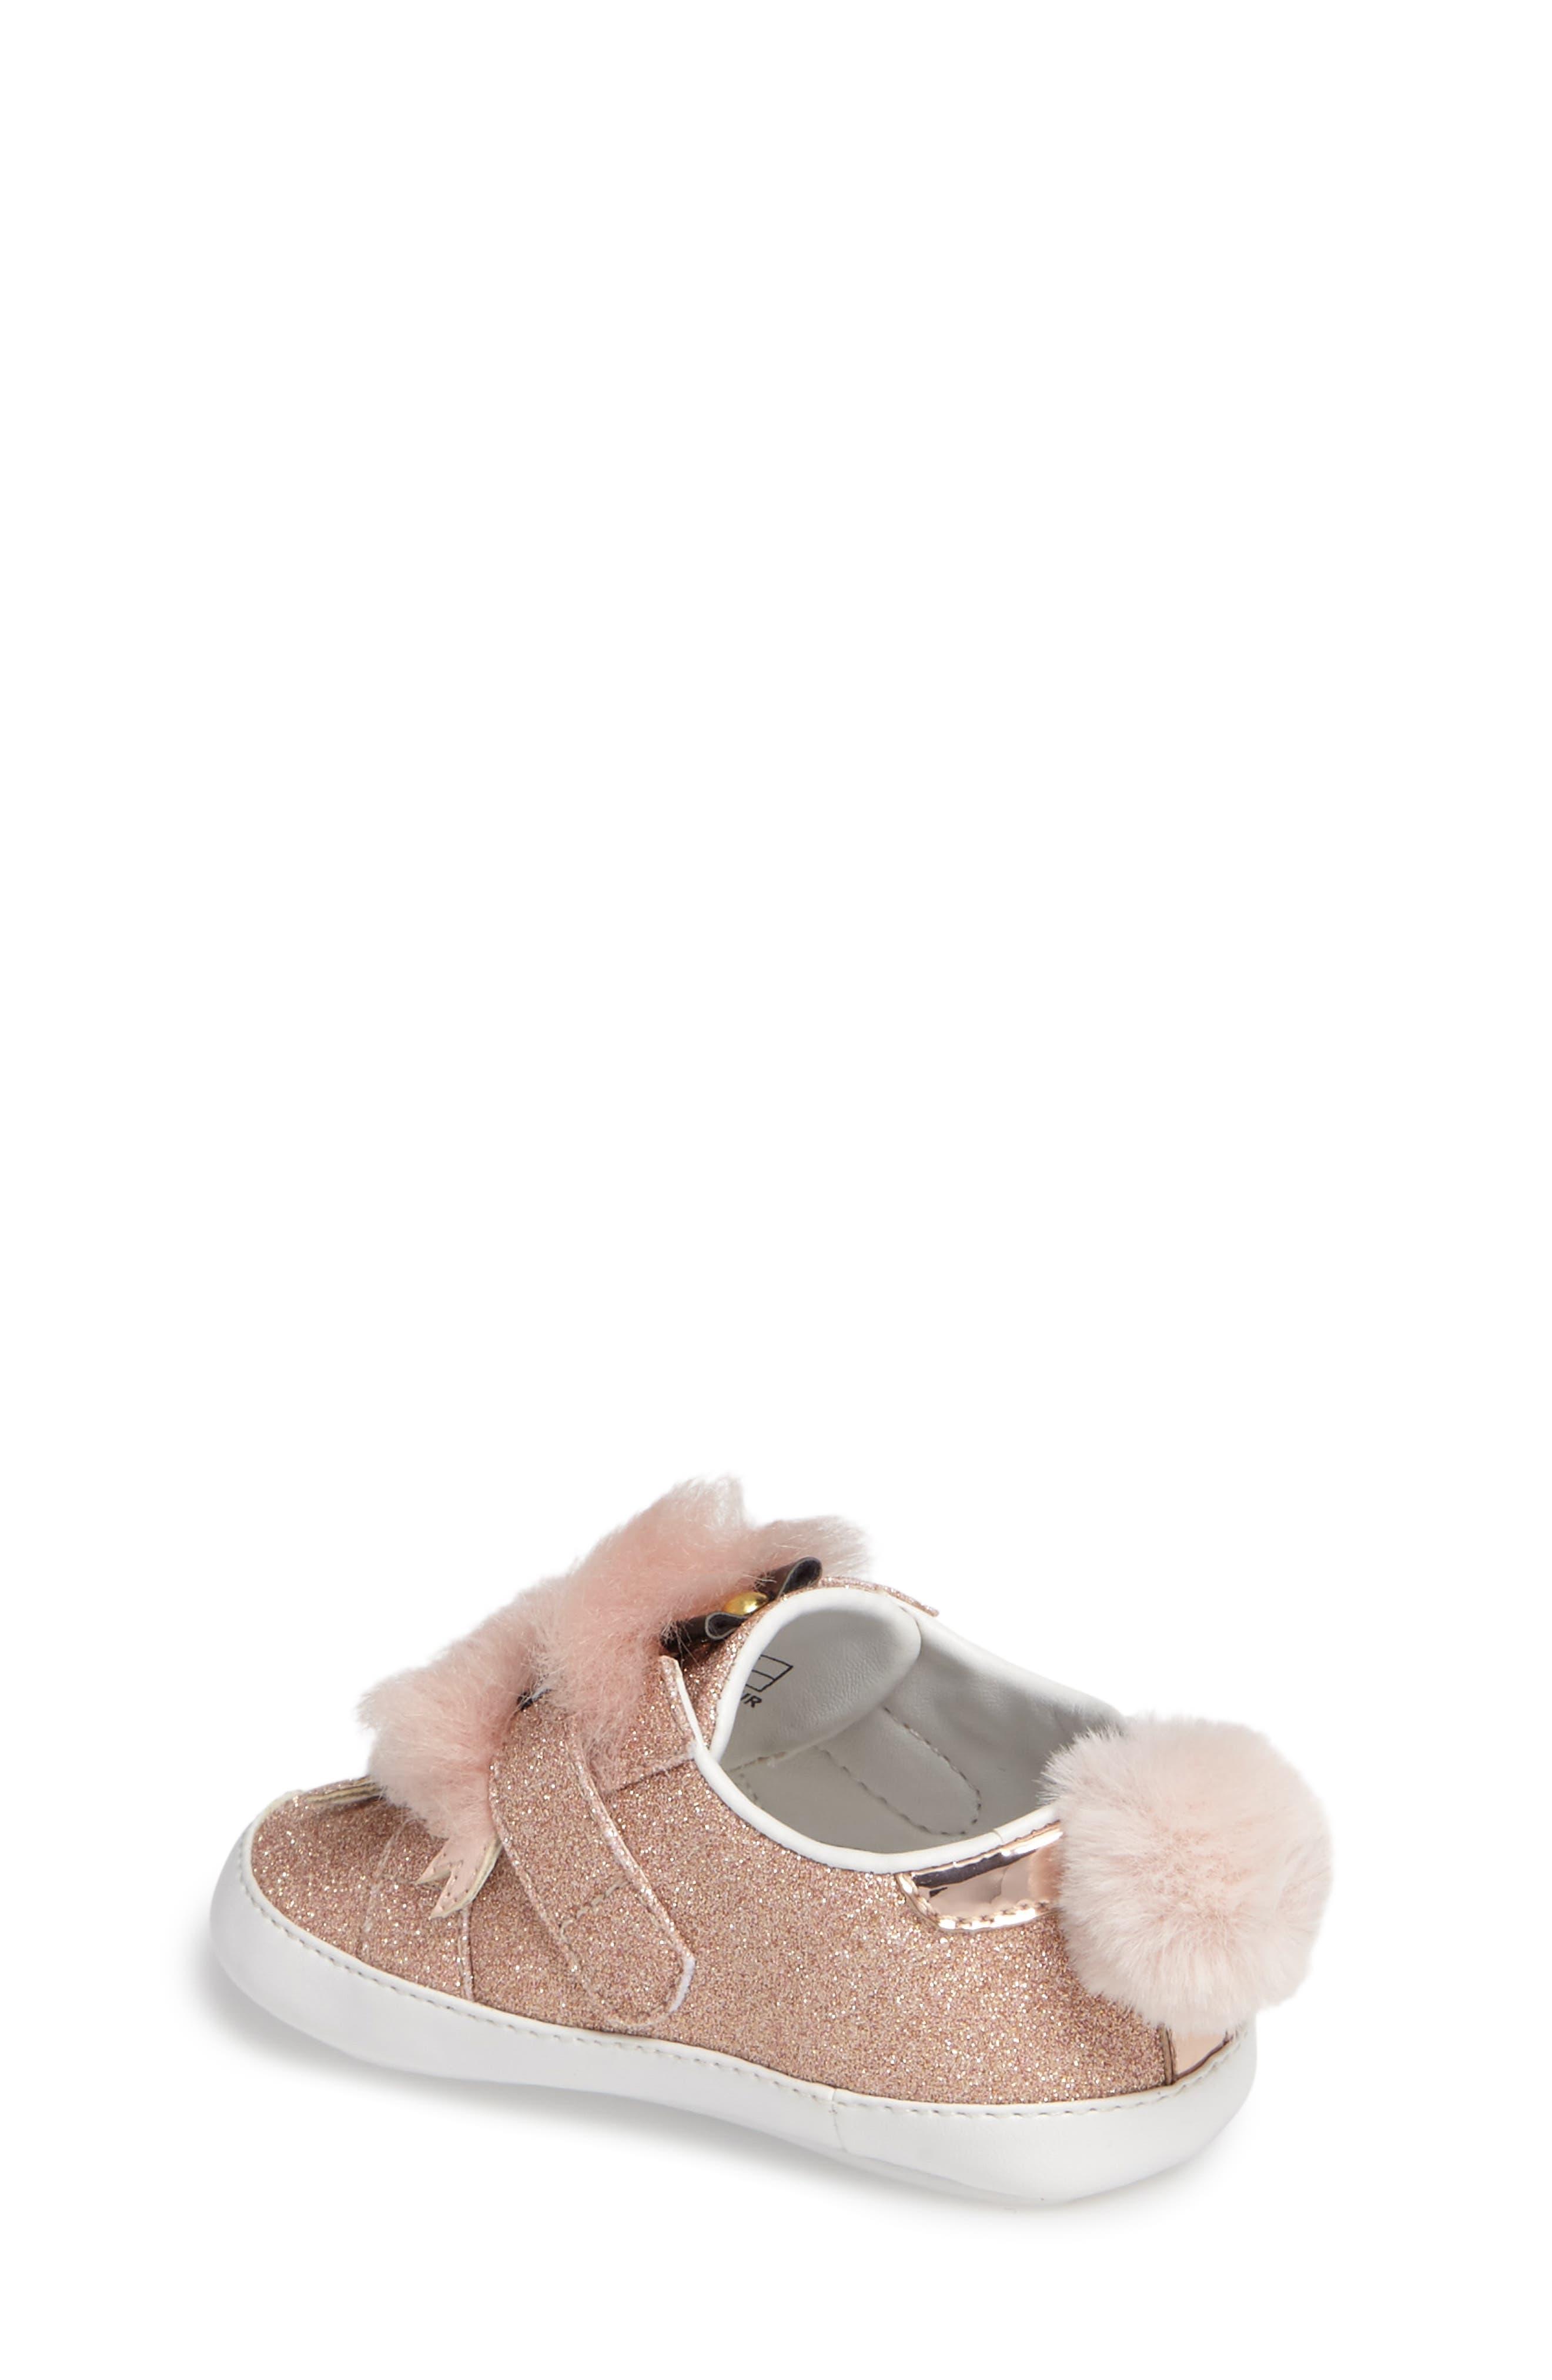 Ovee Sneaker,                             Alternate thumbnail 2, color,                             650